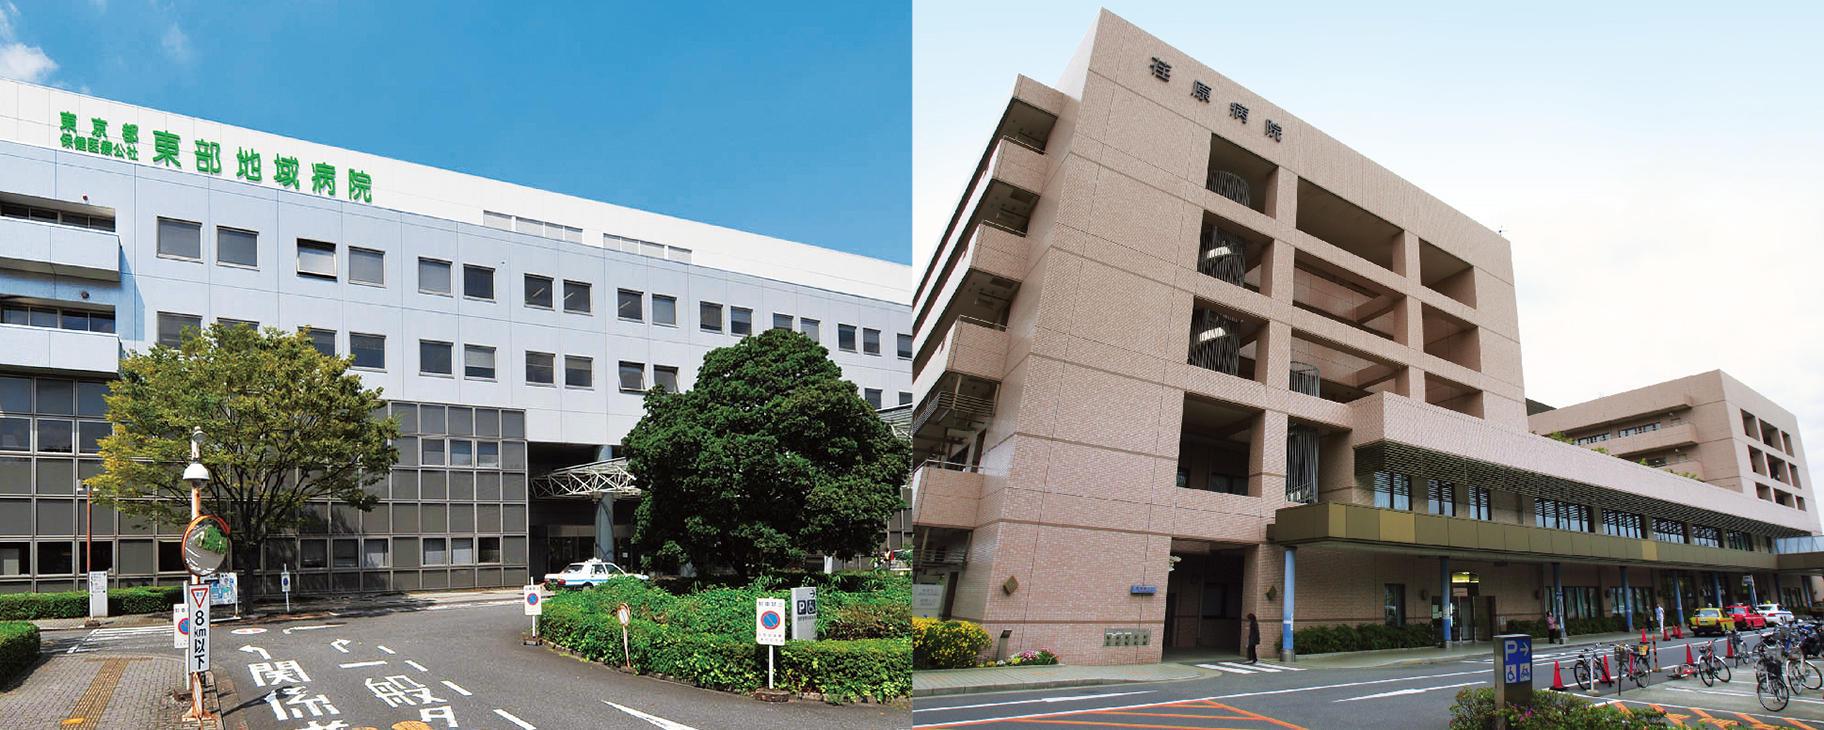 【東京都保健医療公社】の看護師(ナース)就職・転職・求人・採用情報